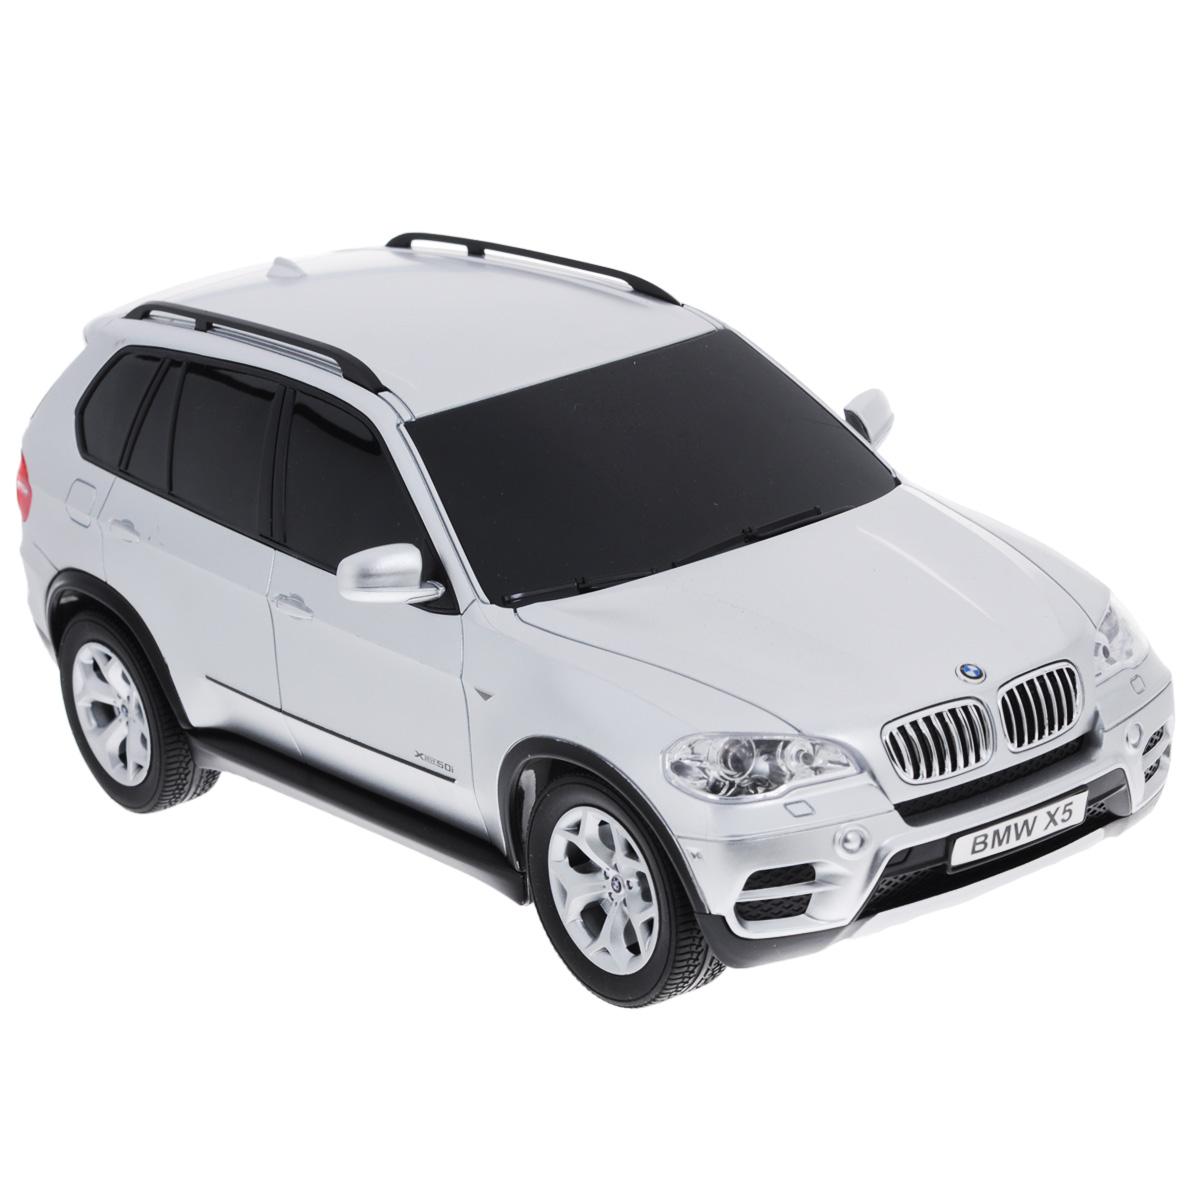 TopGear Радиоуправляемая модель BMW X5 цвет серебристый масштаб 1:24Т56671Все мальчишки любят мощные крутые тачки! Особенно если это дорогие машины известной марки, которые, проезжая по улице, обращают на себя восторженные взгляды пешеходов. Радиоуправляемая модель TopGear BMW X5 - это детальная копия существующего автомобиля в масштабе 1:24. Машинка изготовлена из прочного легкого пластика; колеса прорезинены. При движении передние и задние фары машины светятся. При помощи пульта управления автомобиль может перемещаться вперед, дает задний ход, поворачивает влево и вправо, останавливается. Встроенные амортизаторы обеспечивают комфортное движение. В комплект входят машинка, пульт управления, зарядное устройство (время зарядки составляет 4-5 часов), аккумулятор и 2 батарейки. Автомобиль отличается потрясающей маневренностью и динамикой. Ваш ребенок часами будет играть с моделью, устраивая захватывающие гонки. Машина работает от 3 батареек типа АА (не входят в комплект). Пульт управления работает от 2...